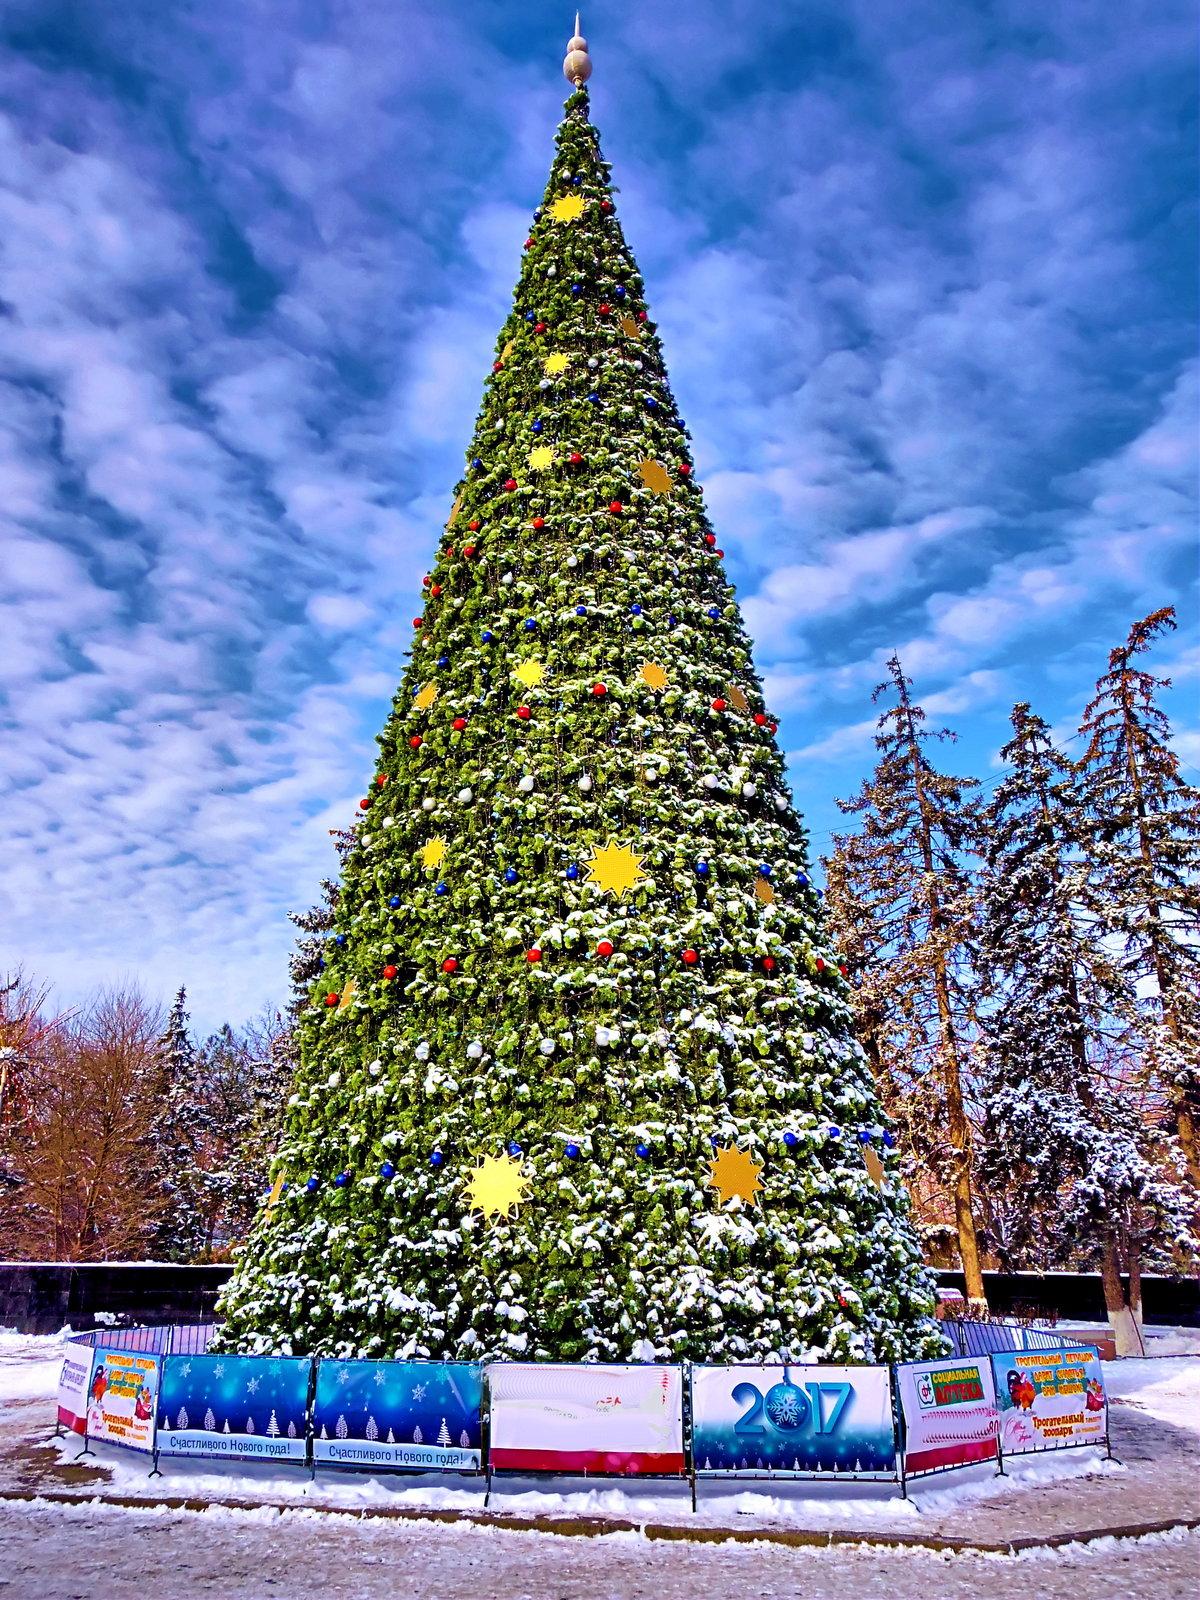 приходом картинки елок на новогодних праздниках задача, донести всю